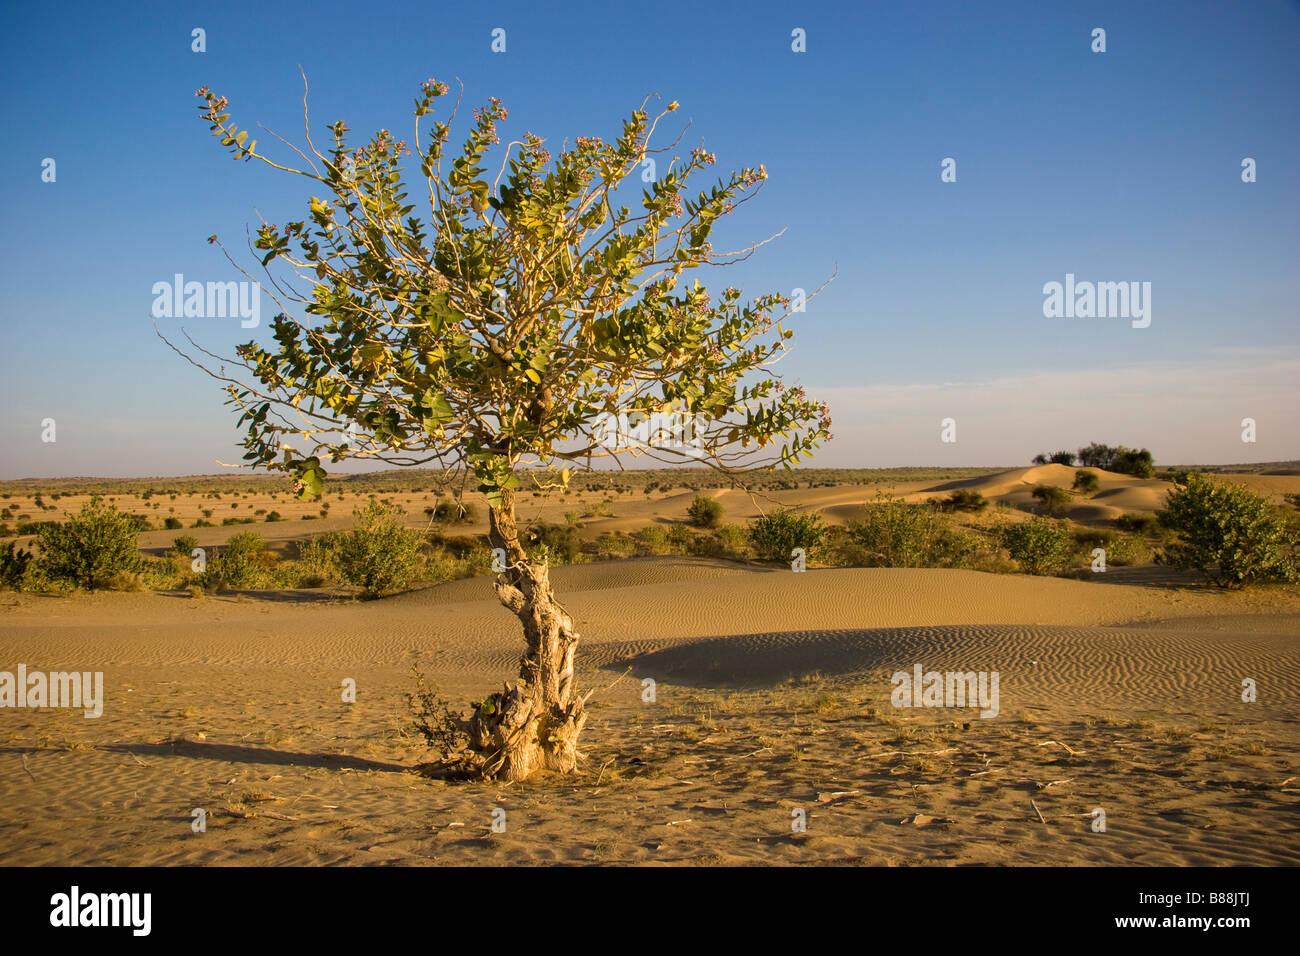 Khuri desert Rajasthan India - Stock Image